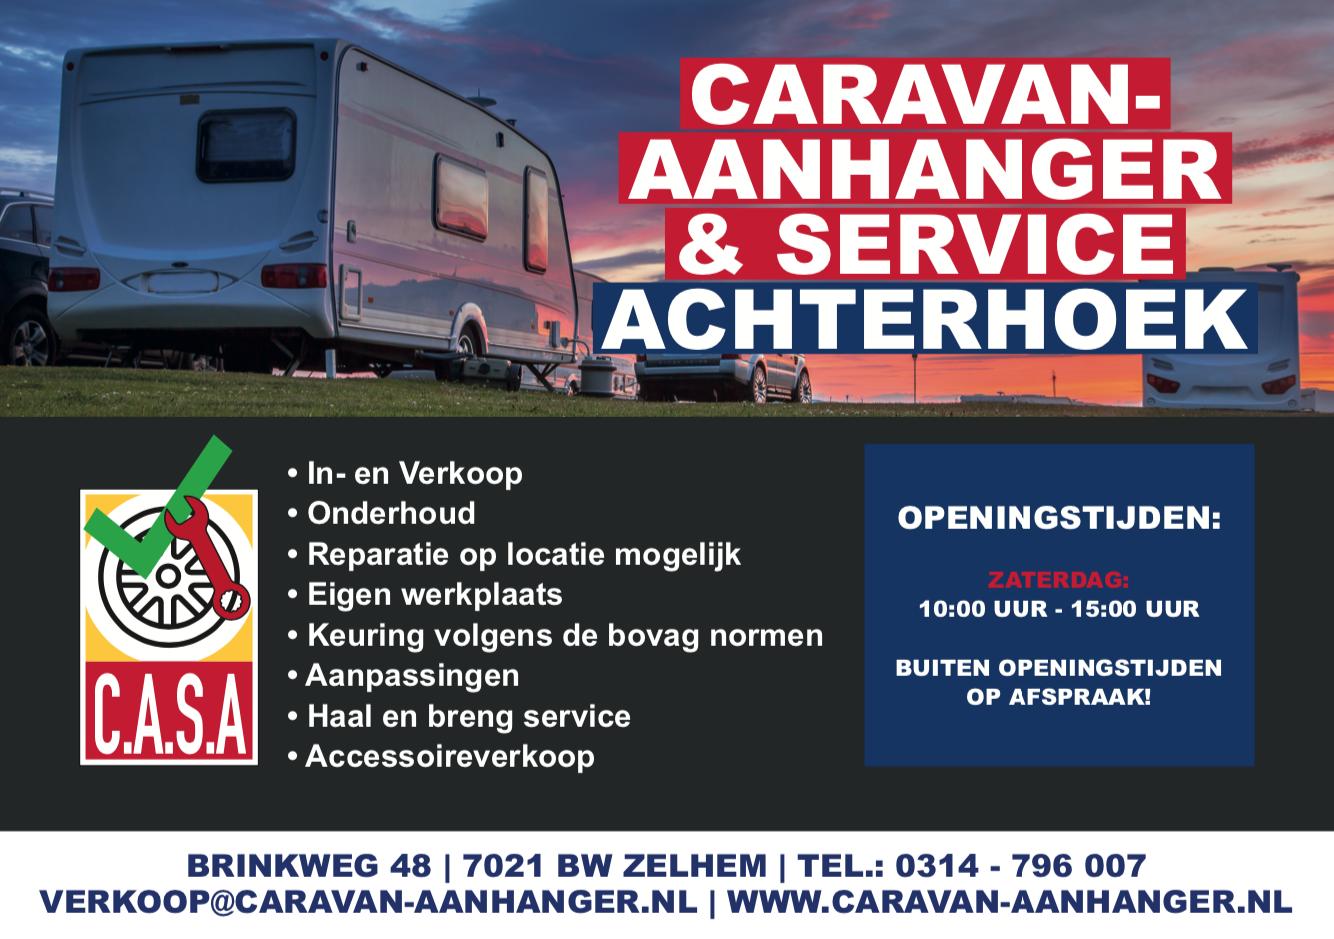 Caravanservice Achterhoek